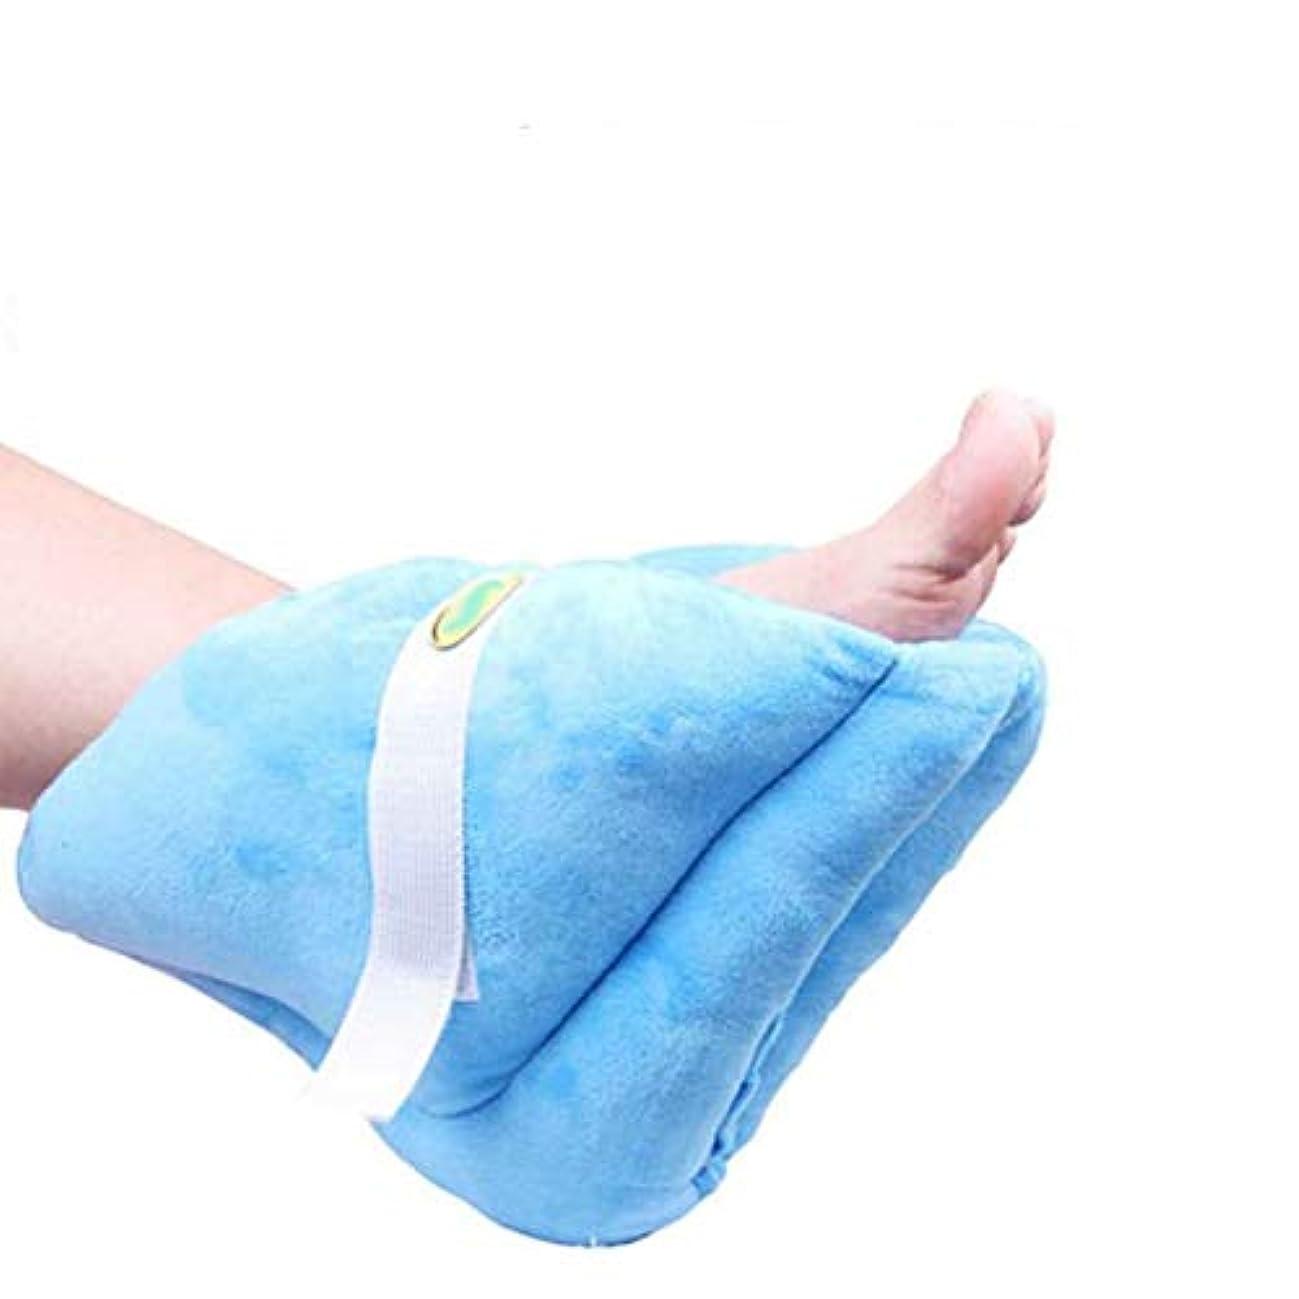 論文人に関する限り爆弾ヒールクッションプロテクター - 足と足首の枕 - ヒール保護ガード - 足、肘、かかと - ベッド&褥瘡を保護します,2pcs